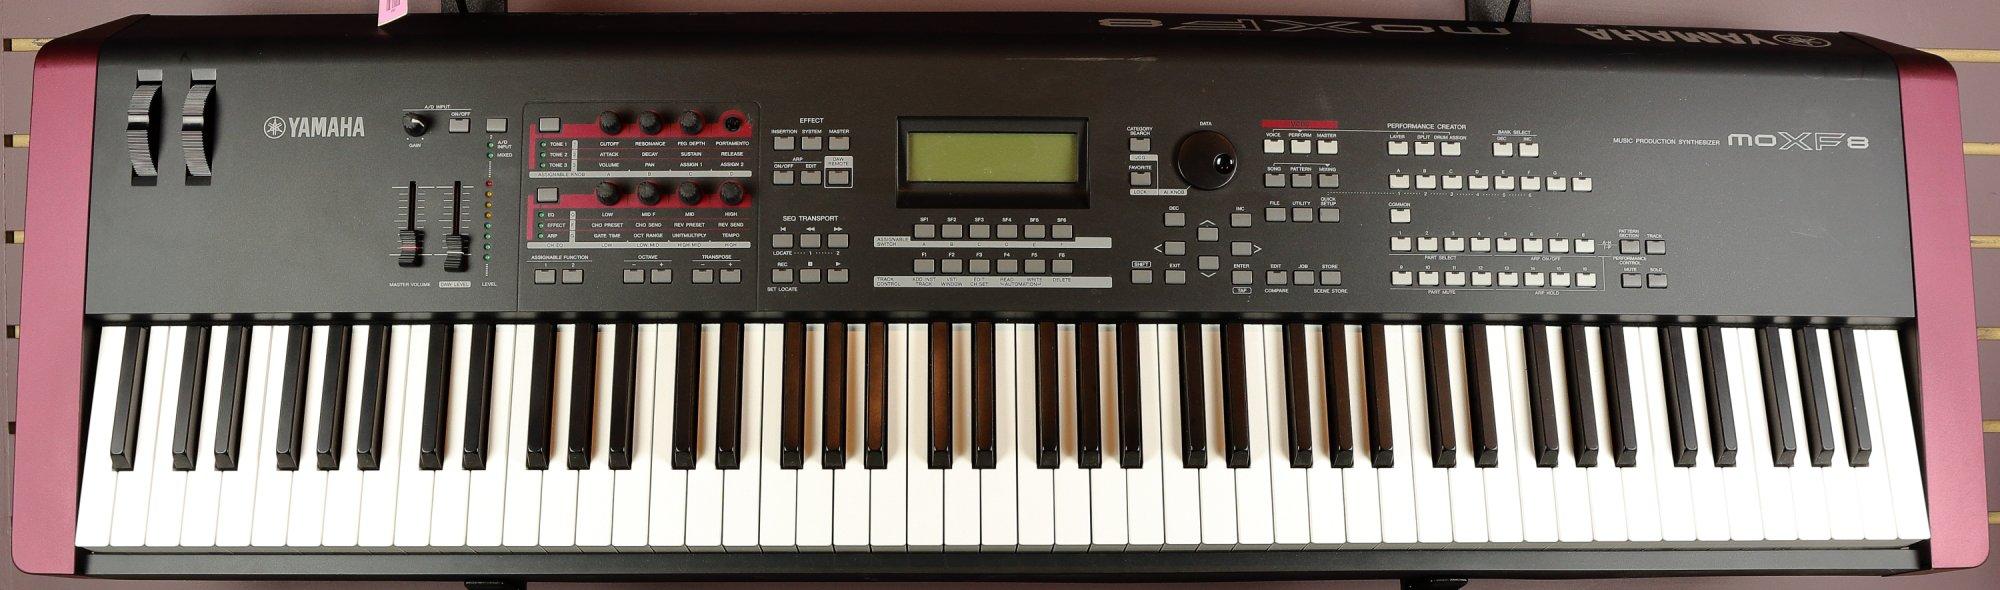 Yamaha MOXF8 88-Key Synthesizer Music Production Workstation (USED)